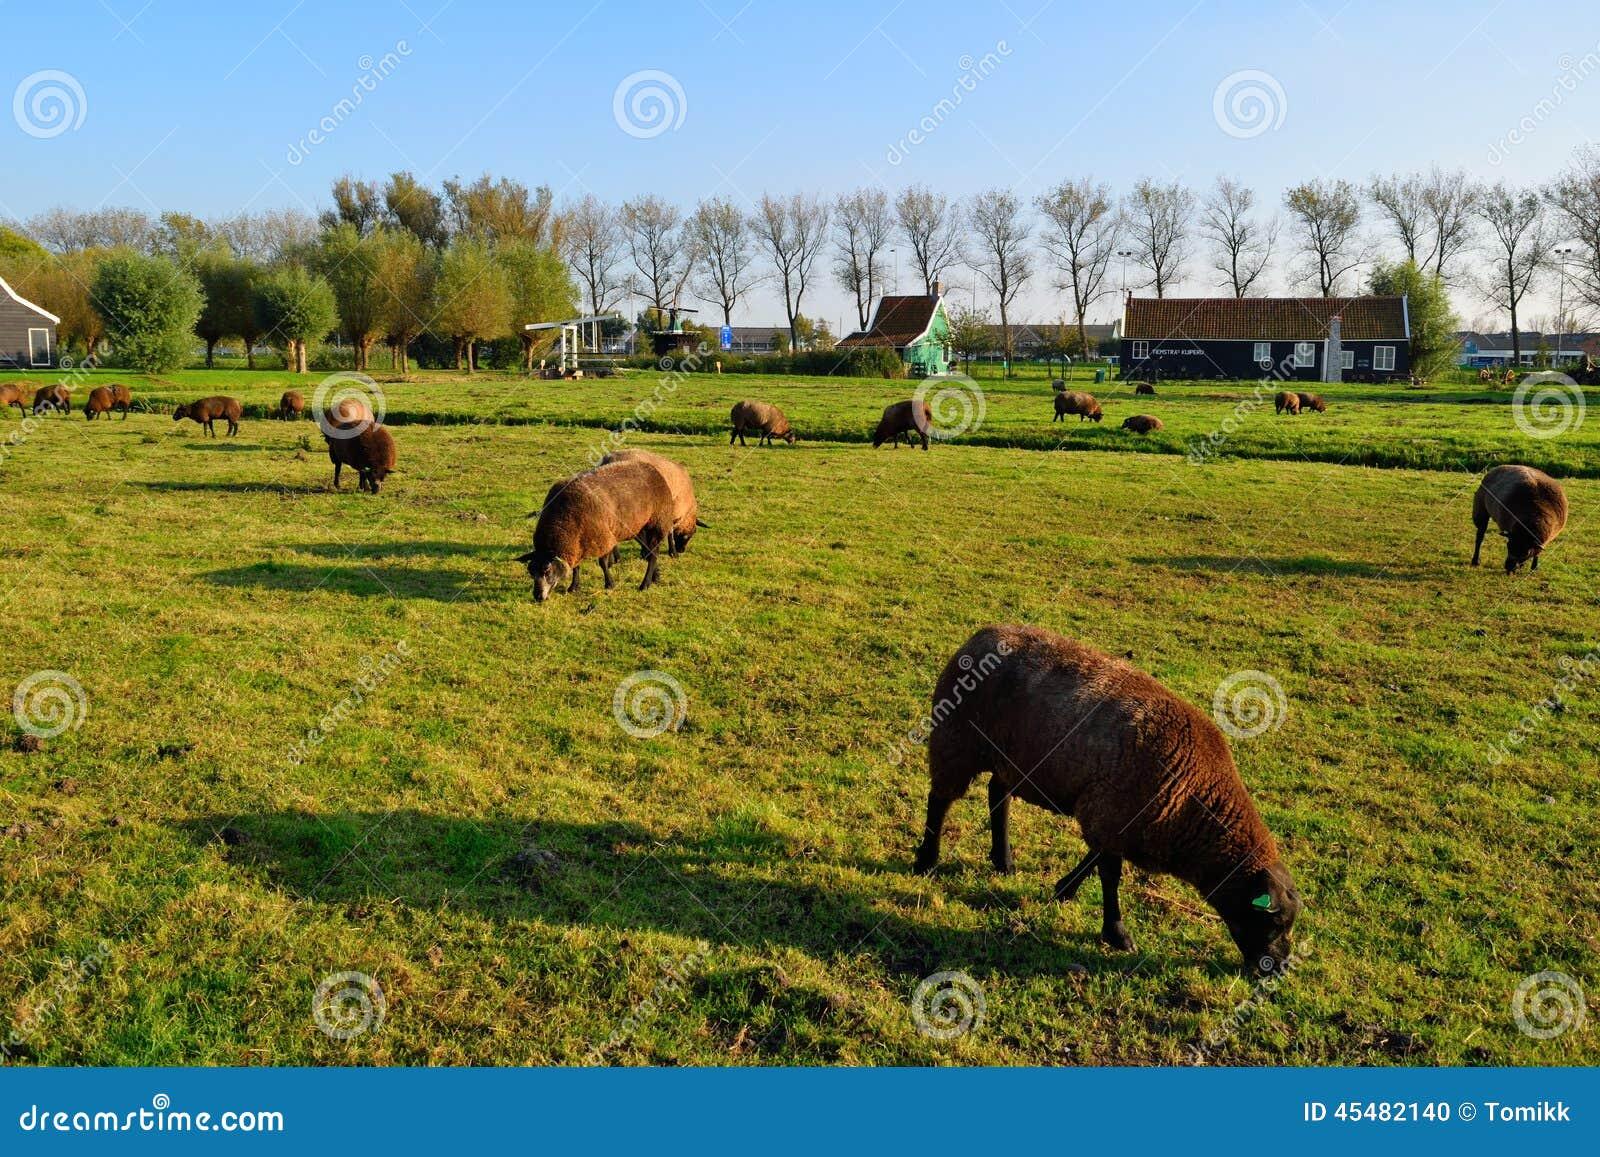 吃草绿草有天空背景的荷兰绵羊